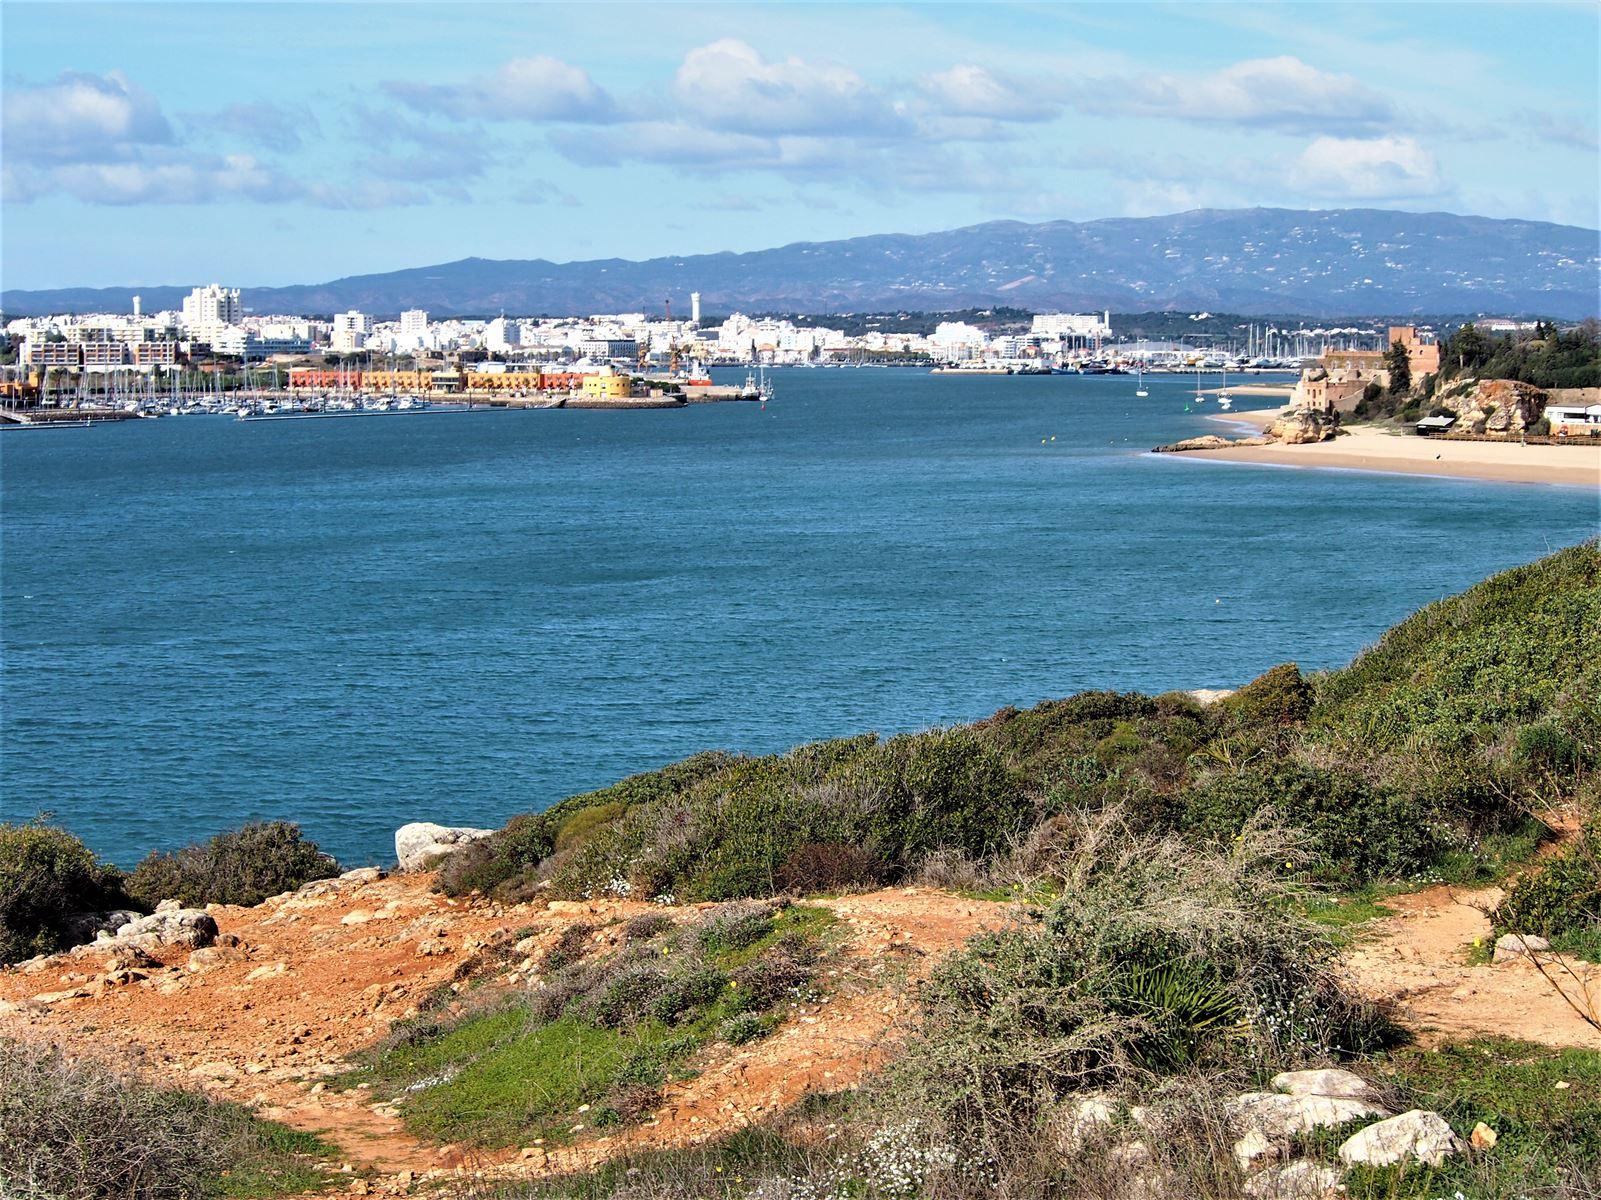 L'embouchure de l'Arade, avec Portimao et son port de plaisance à gauche et Ferragudo à droite.